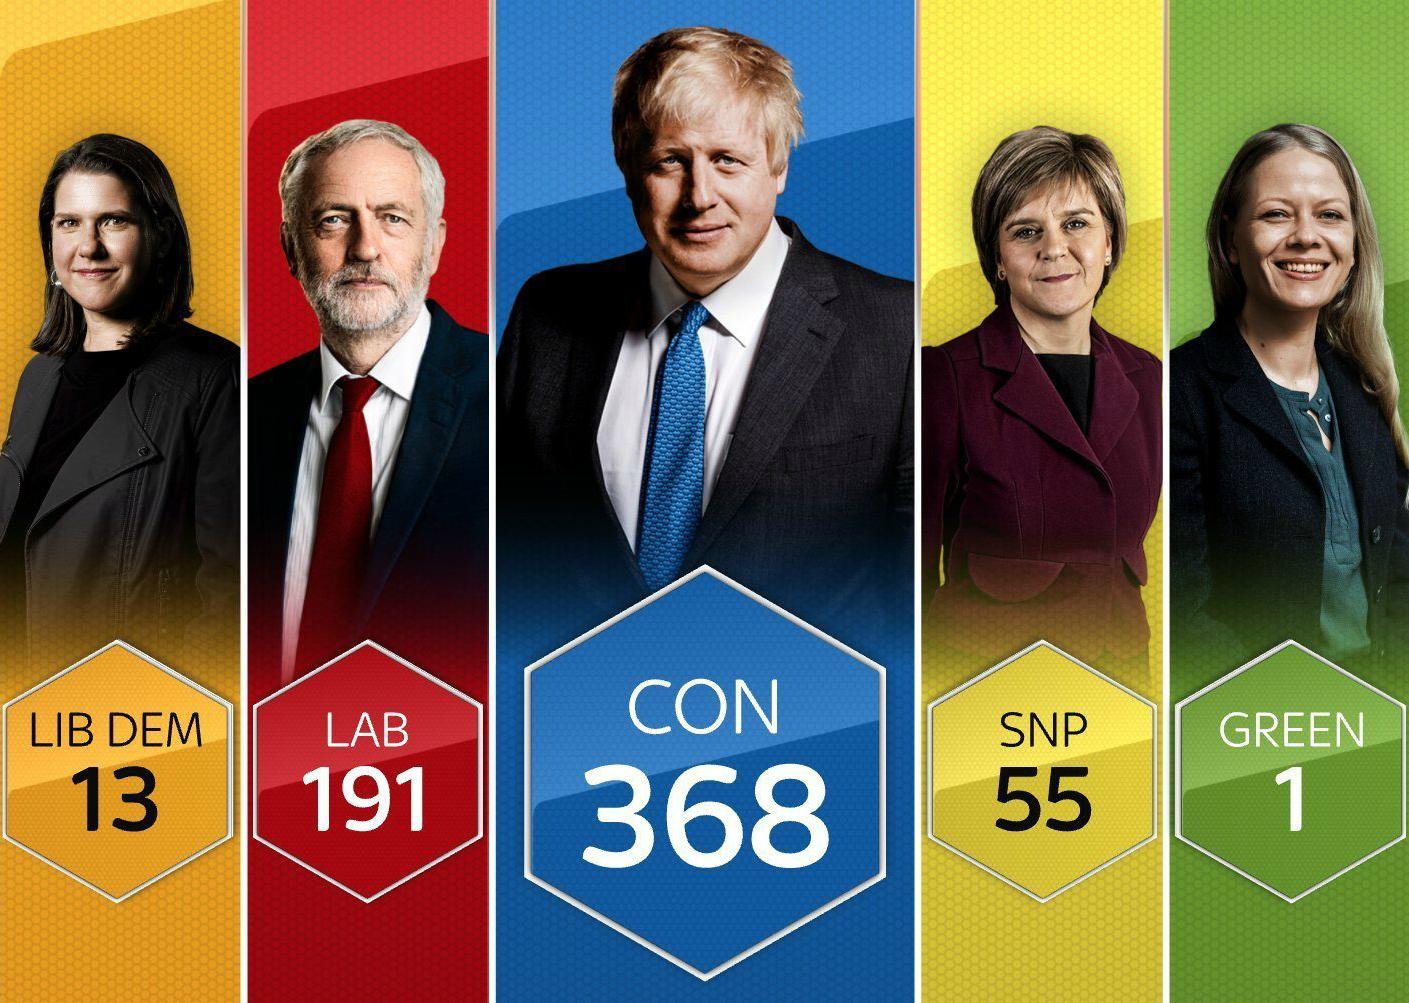 Konservatori Boris Johnson drejt Fitores së Madhe në Zgjedhjet në Angli sipas Exit Pollit të sapo dalë!